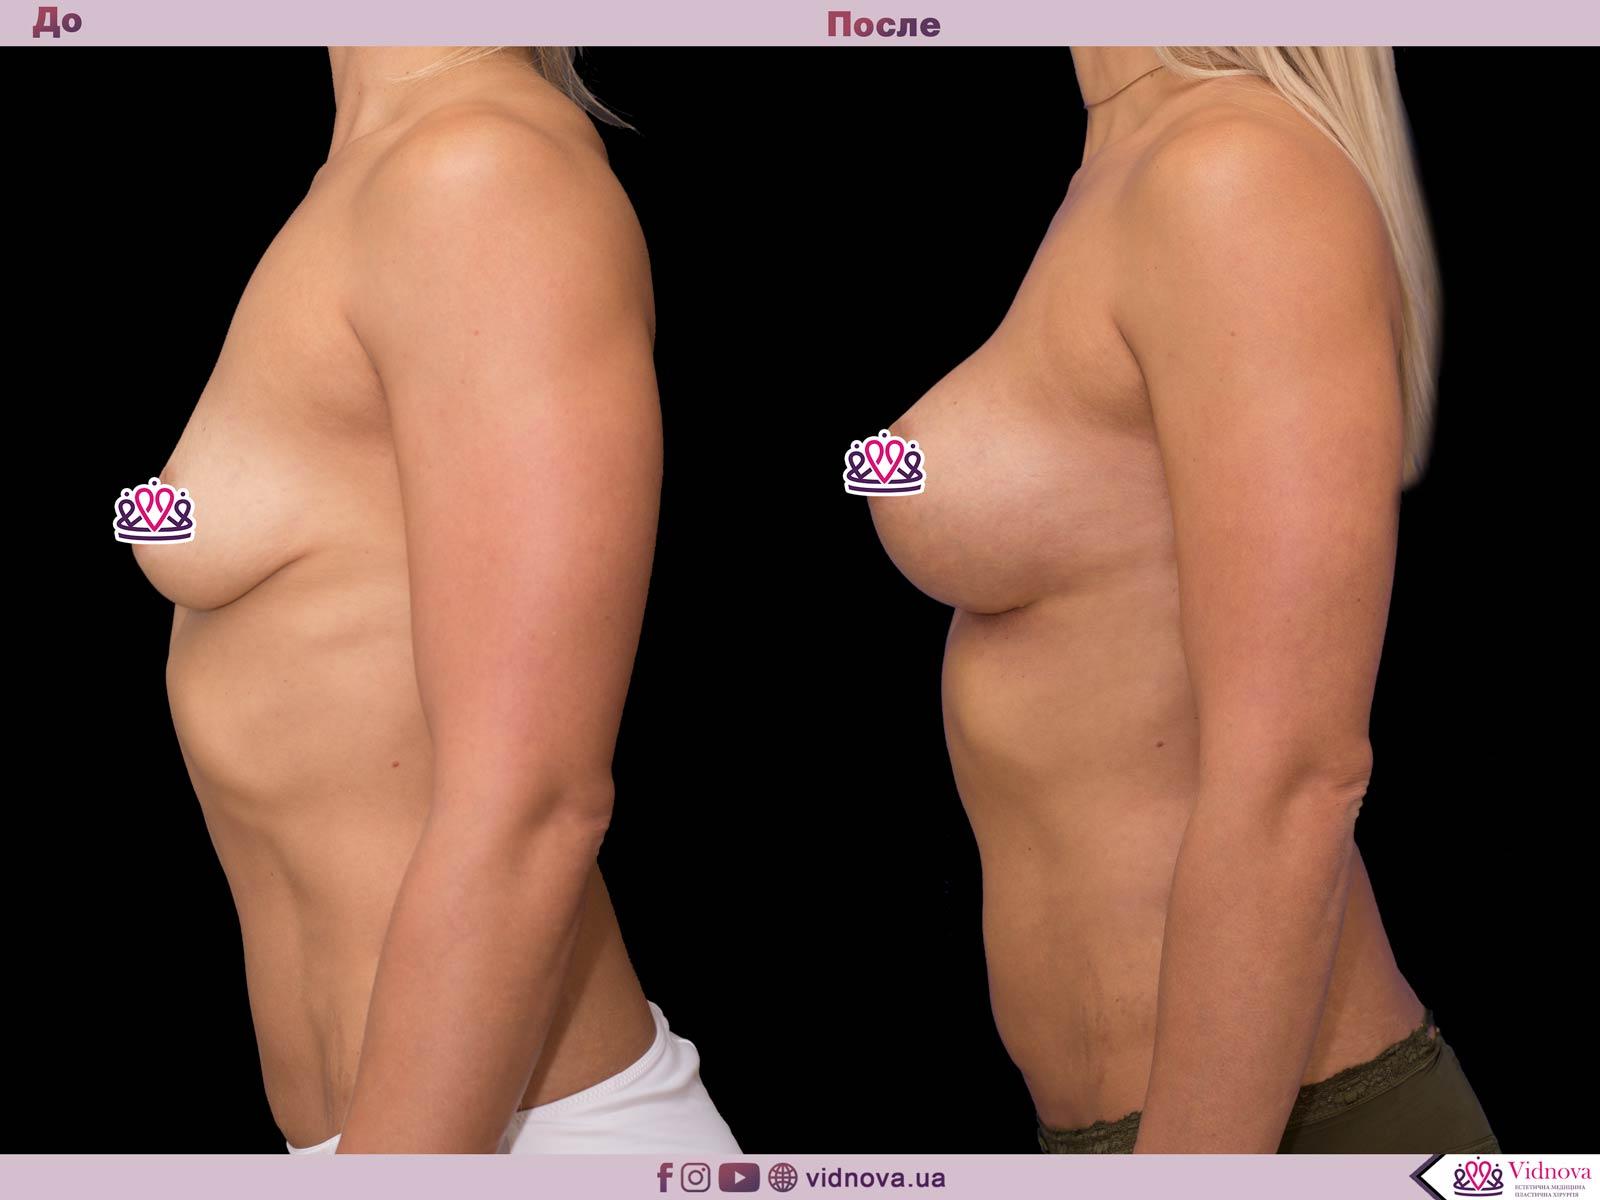 Пластика груди: результаты до и после - Пример №64-2 - Светлана Работенко